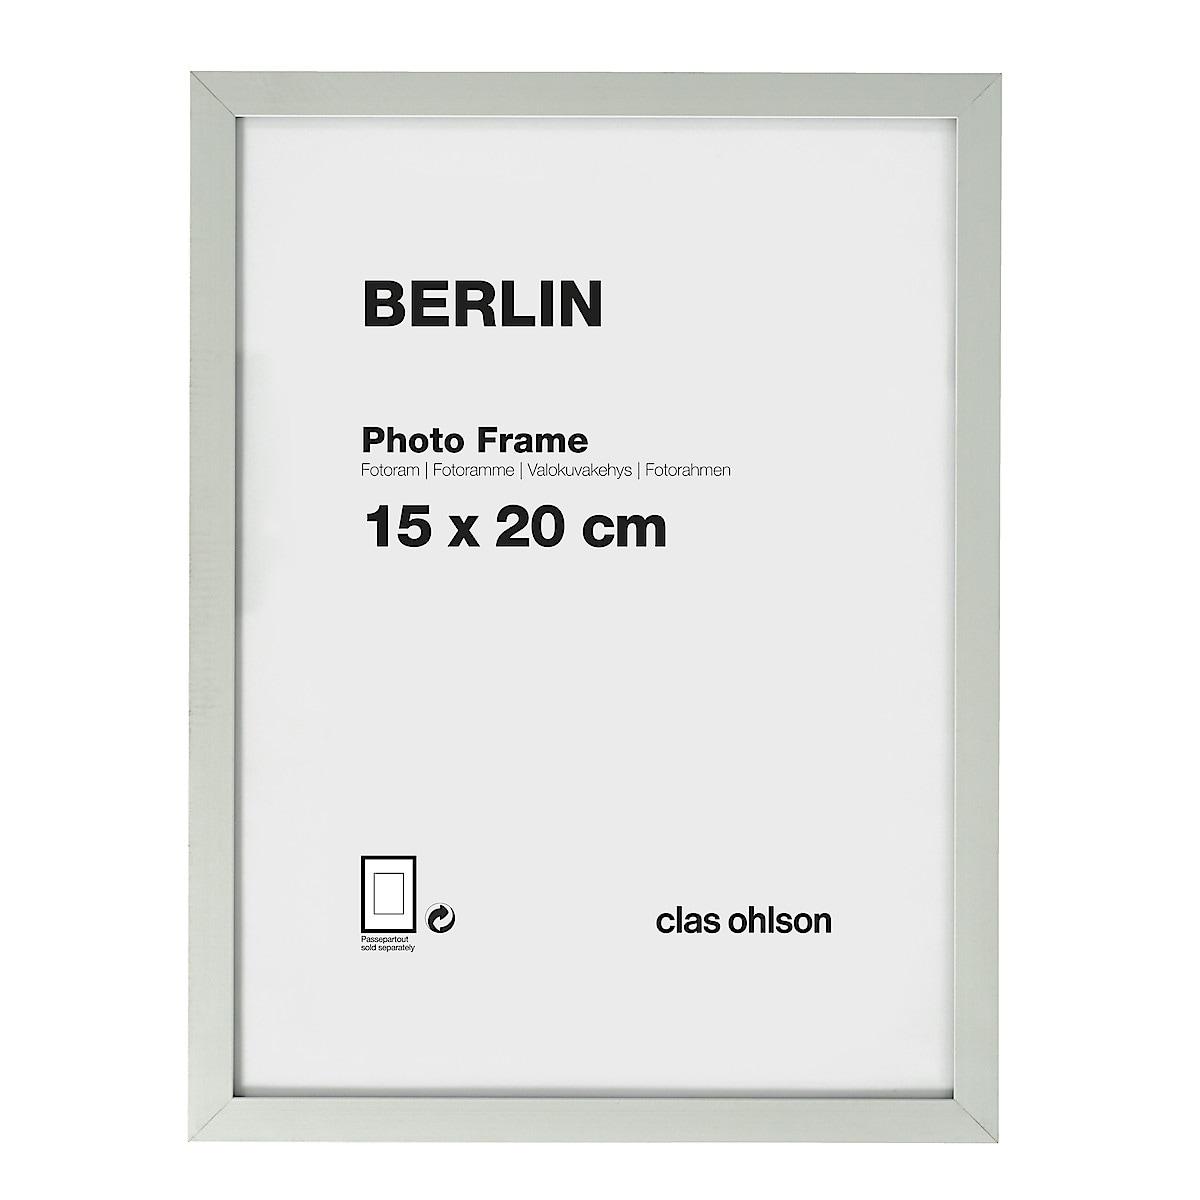 Fotoram Berlin silver